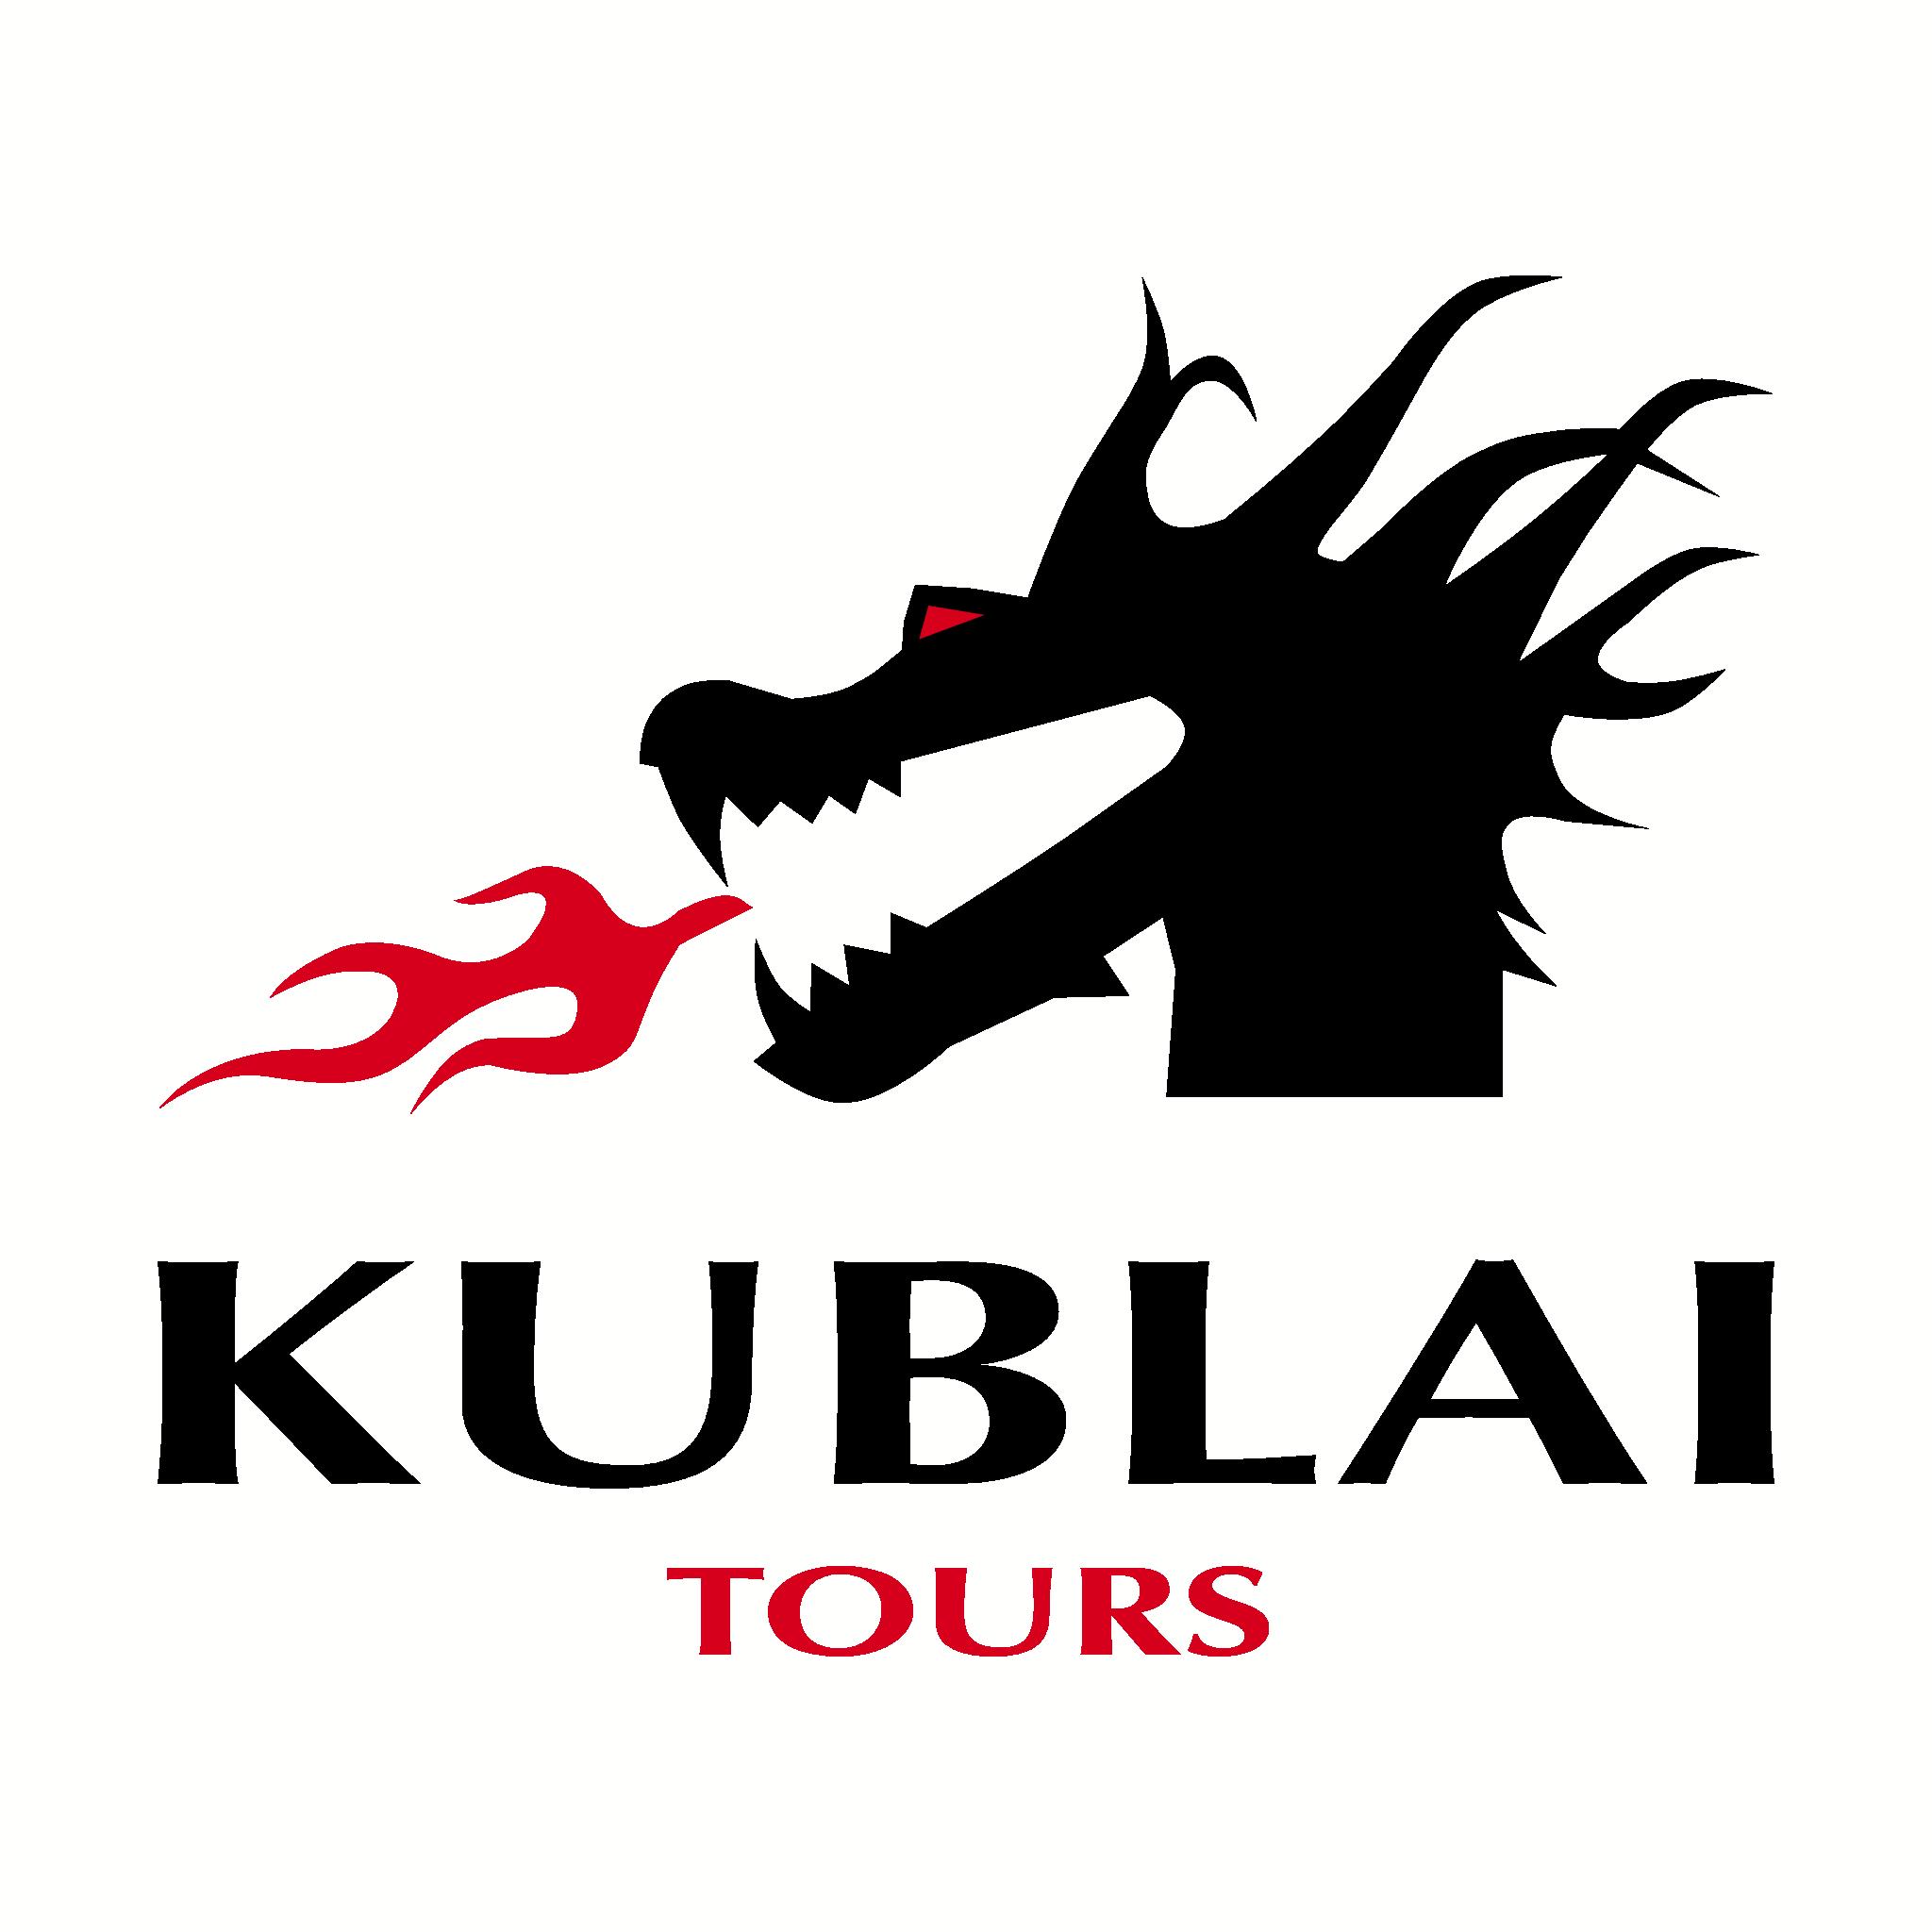 logo_kublaitours_capgros_positiu_color